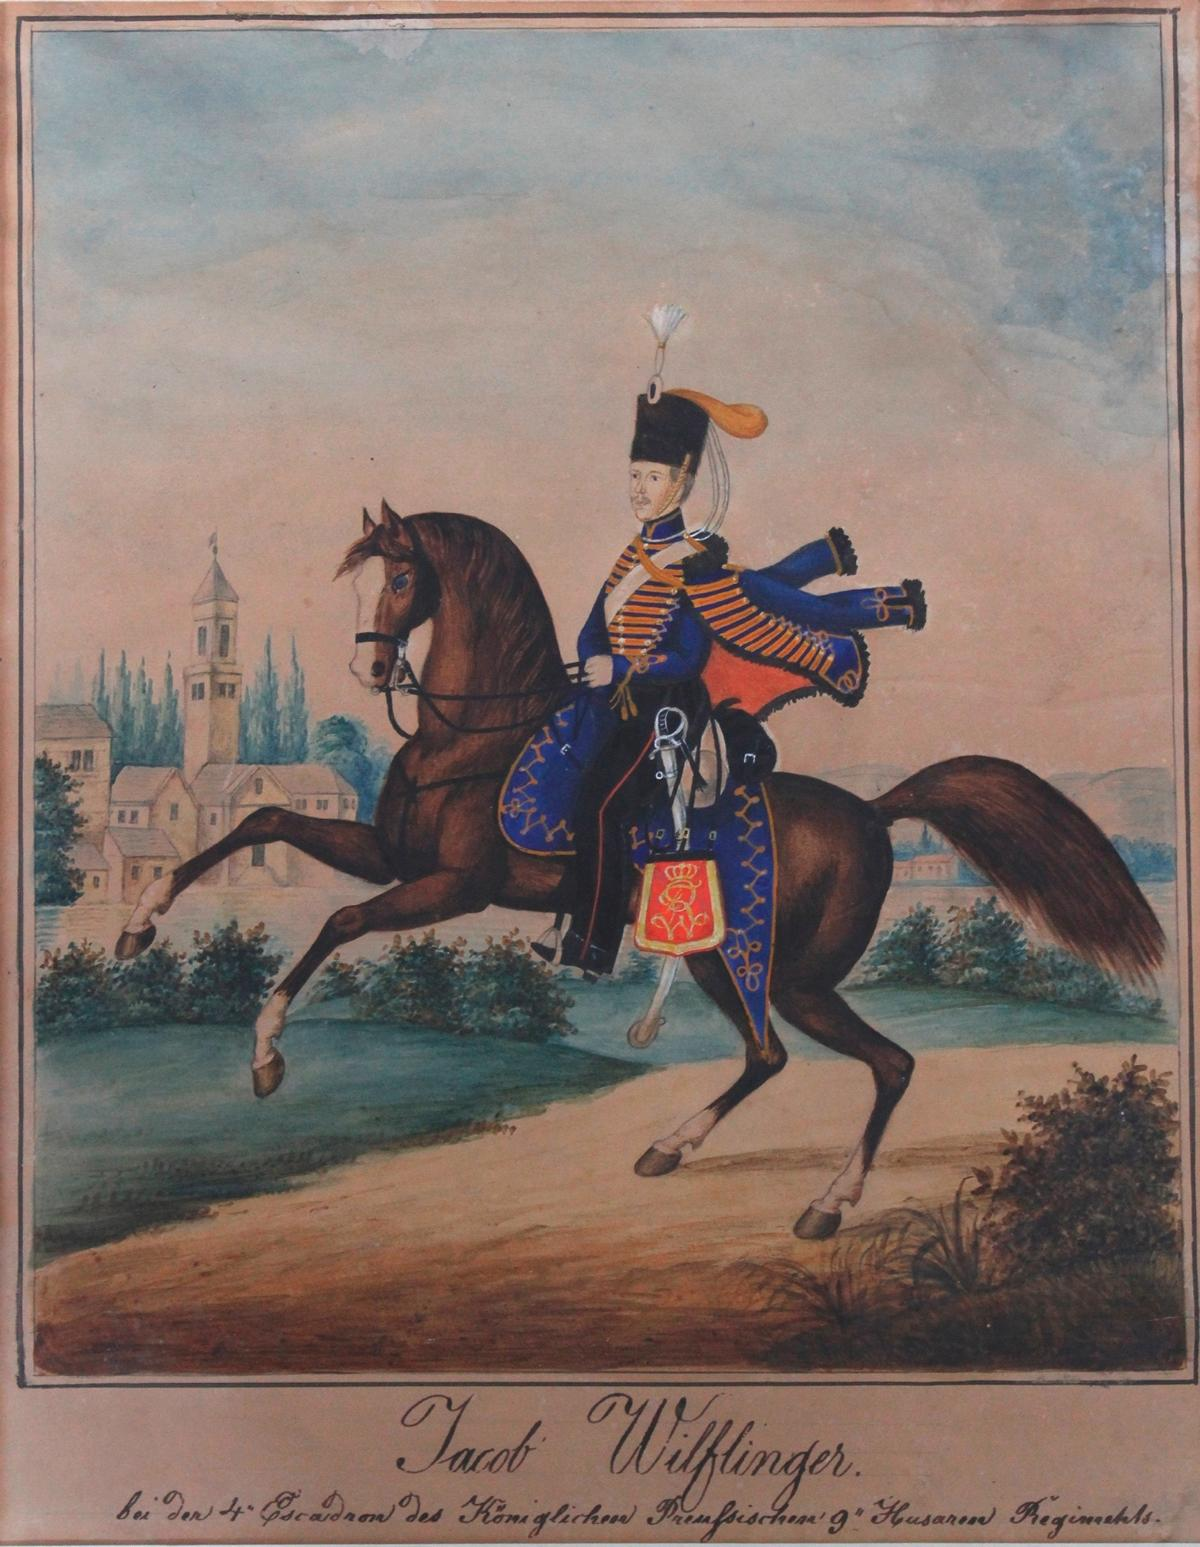 Preussische Reiterdarstellung. Jacob Wilflinger-2